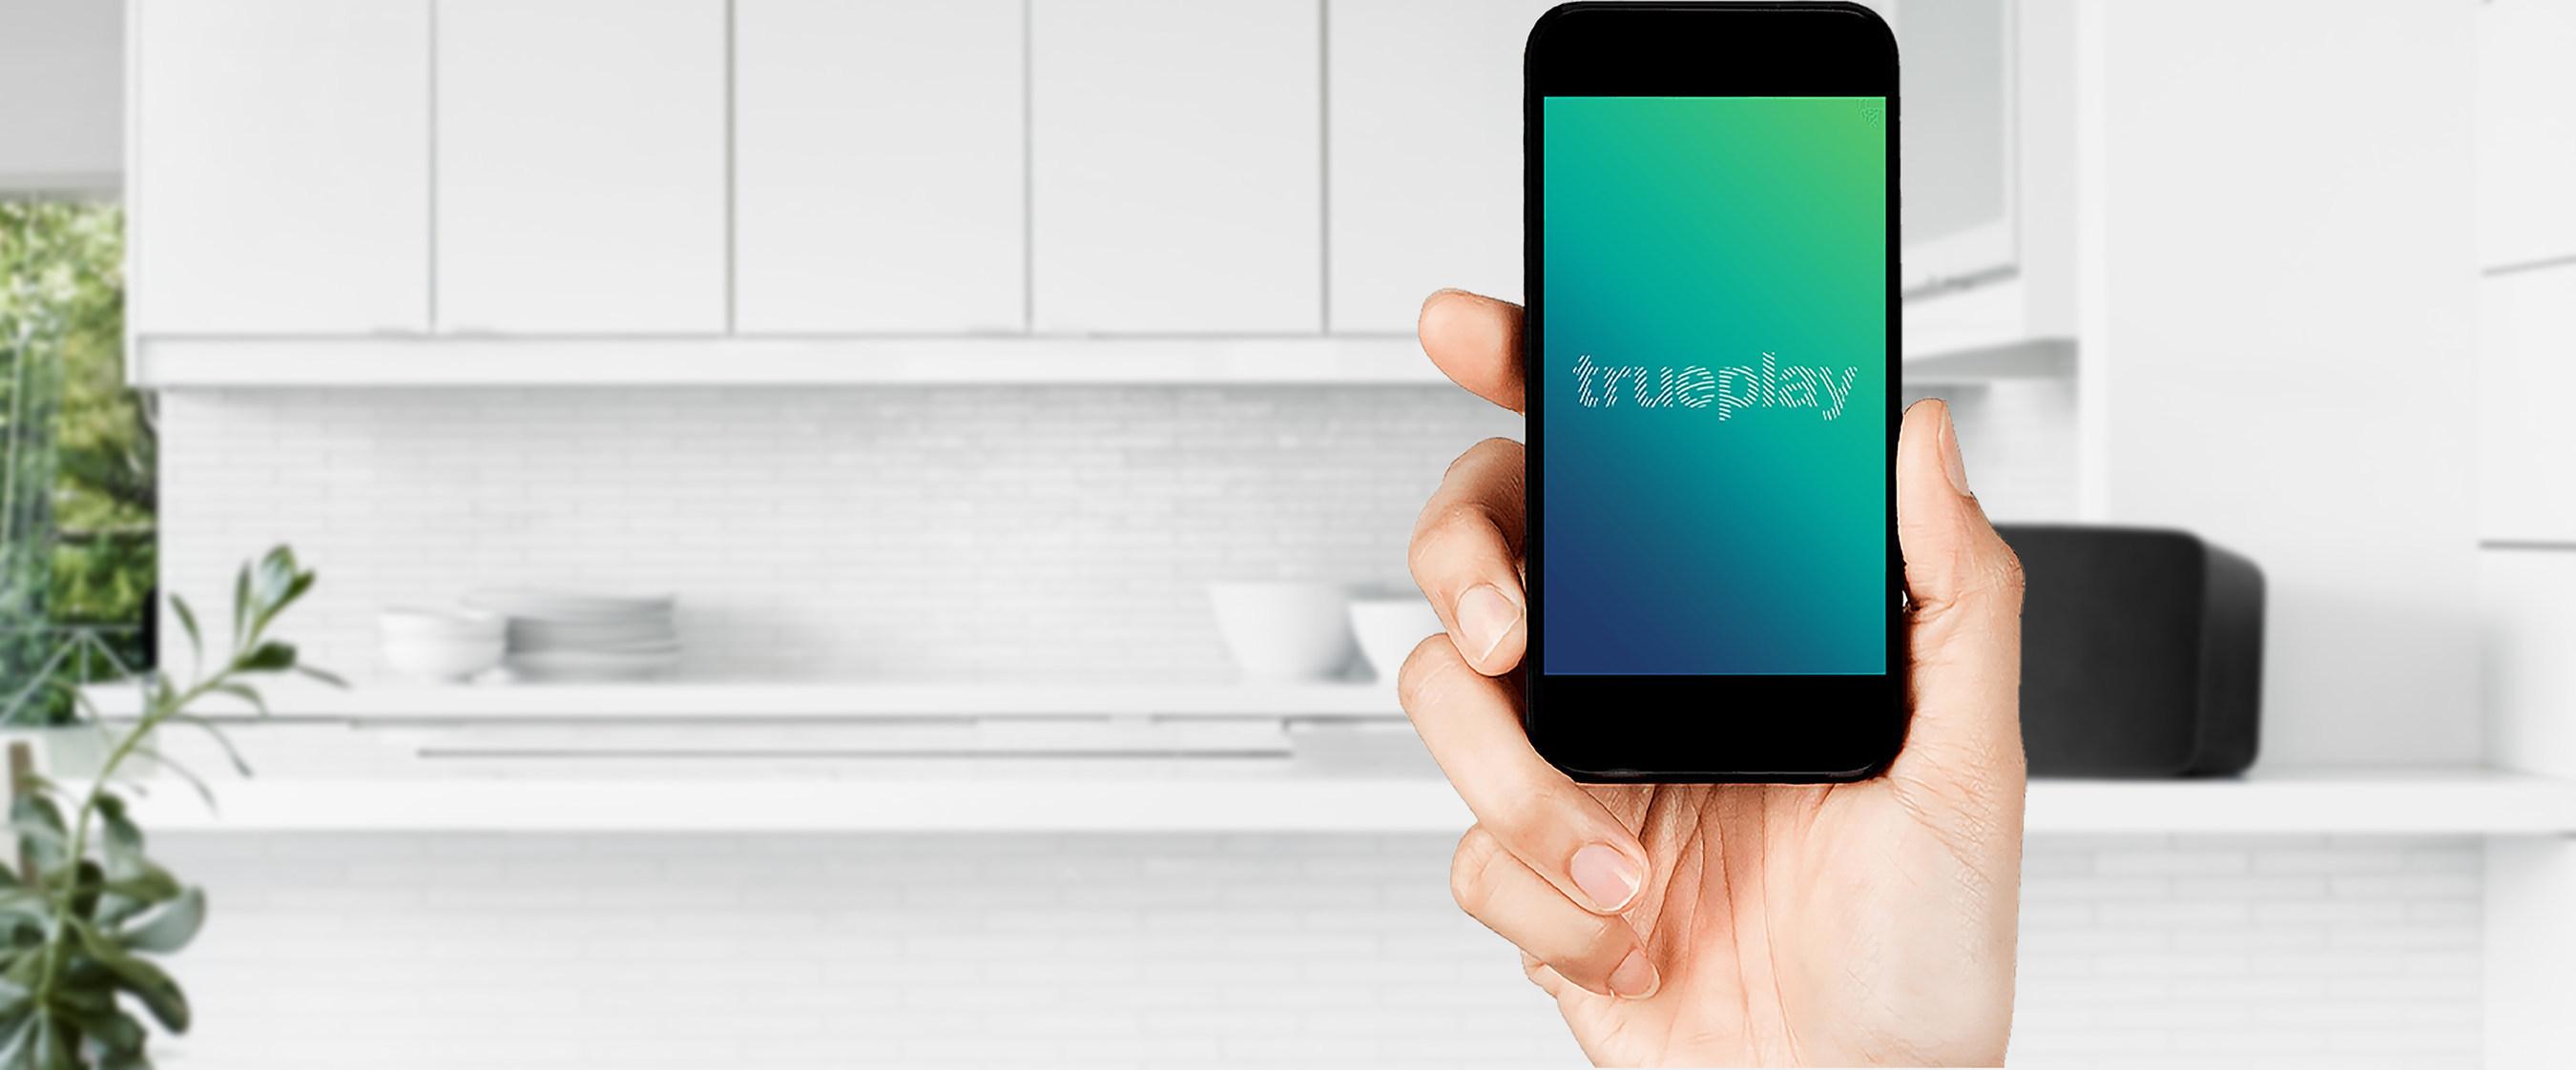 Sonos Trueplay bringt einfaches Lautsprecher-Tuning in Millionen Räume auf der ganzen Welt